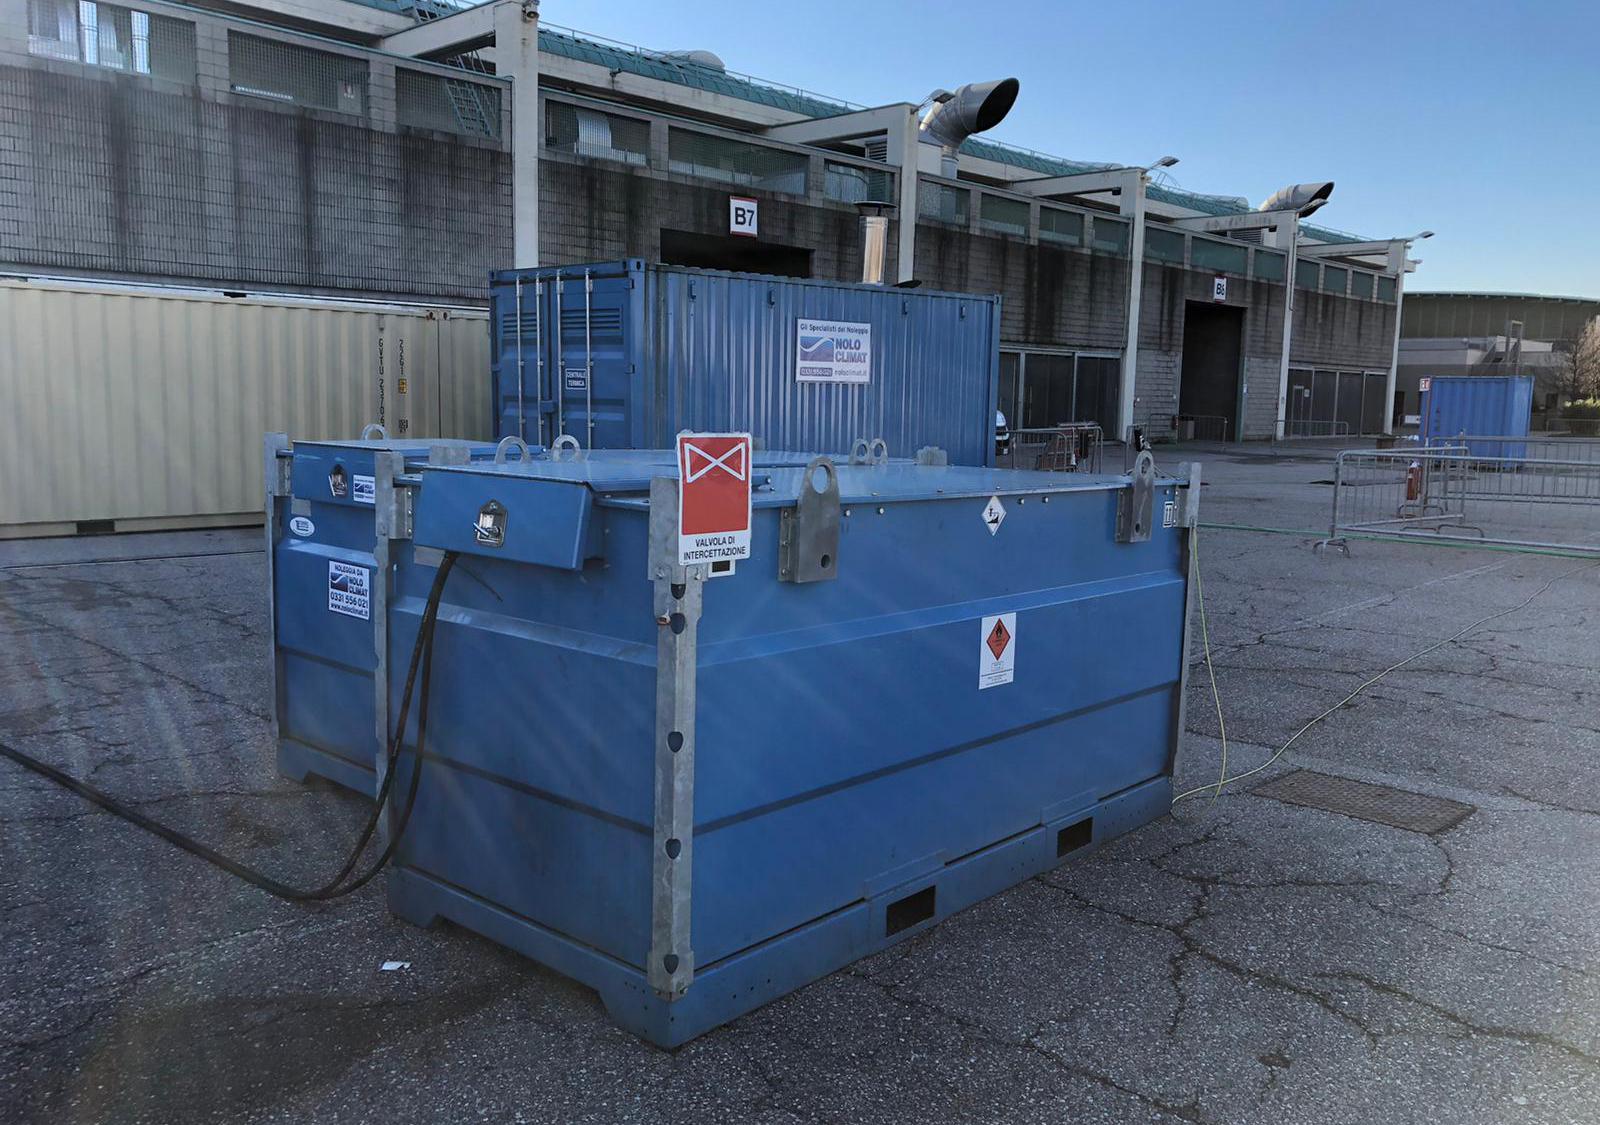 Nolo Climat potenzia il riscaldamento di un ospedale Covid con una caldaia da 1500 kW